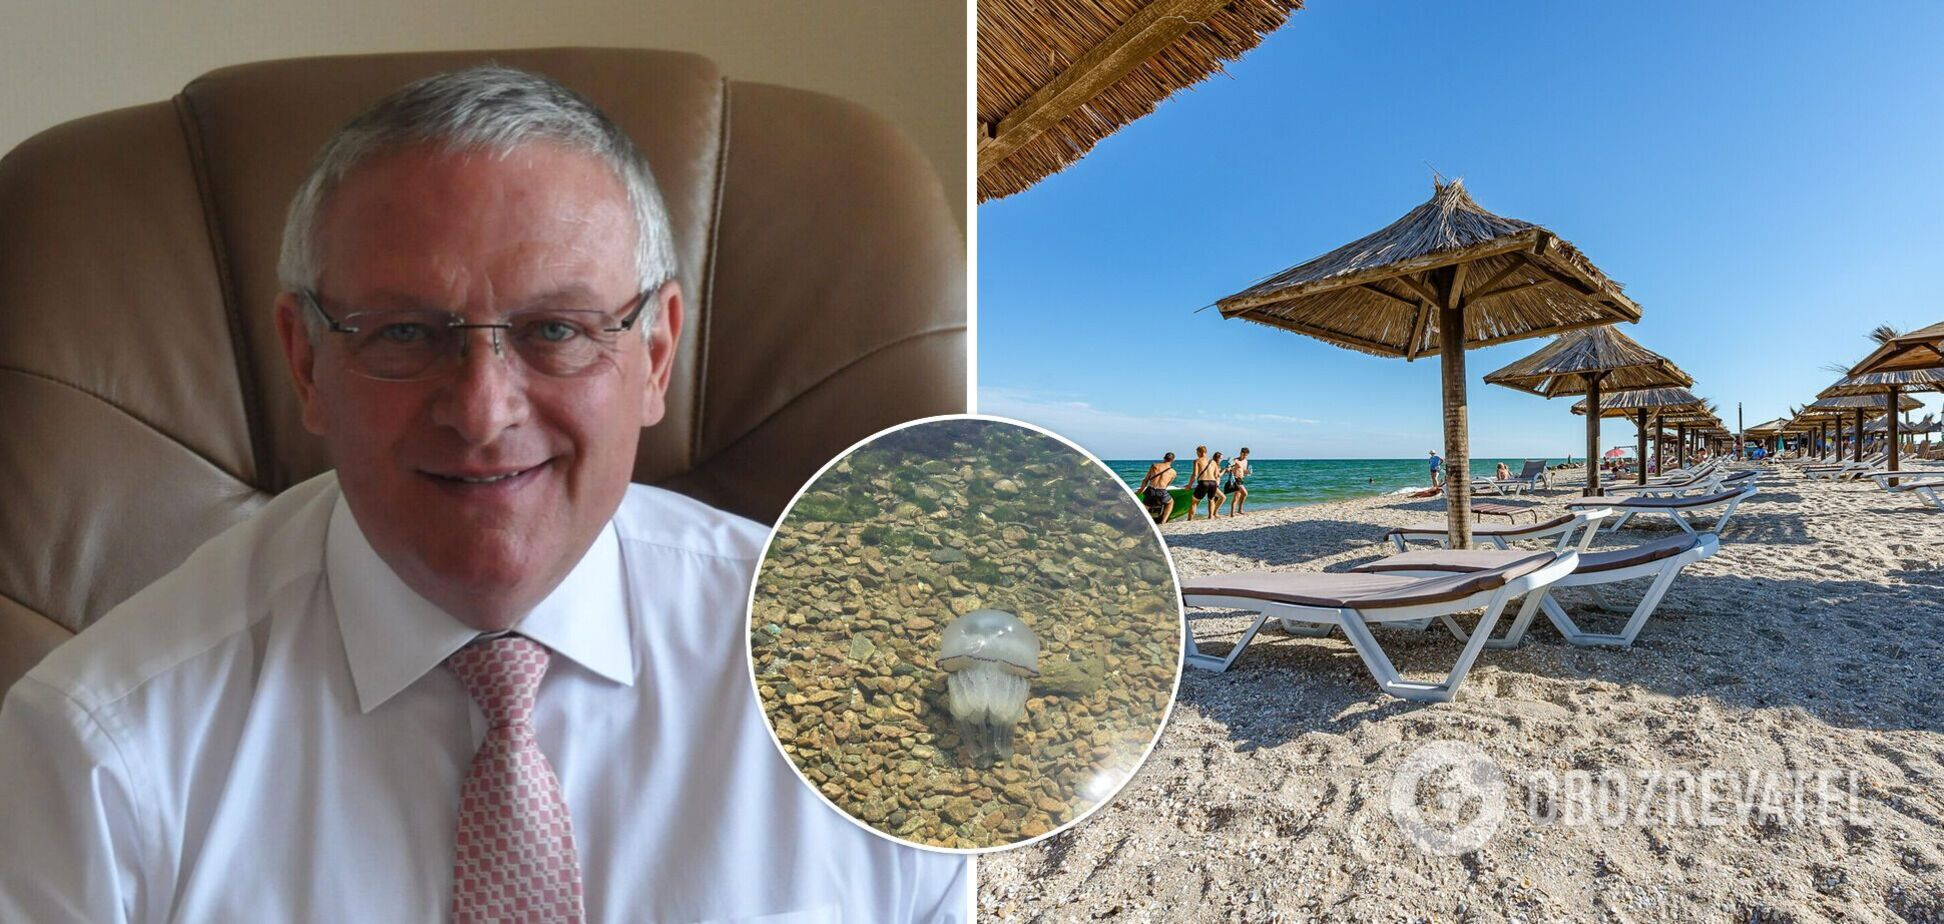 Мер Бердянська придумав, як вирішити проблему з навалою медуз: кидайте назад у море. Відео